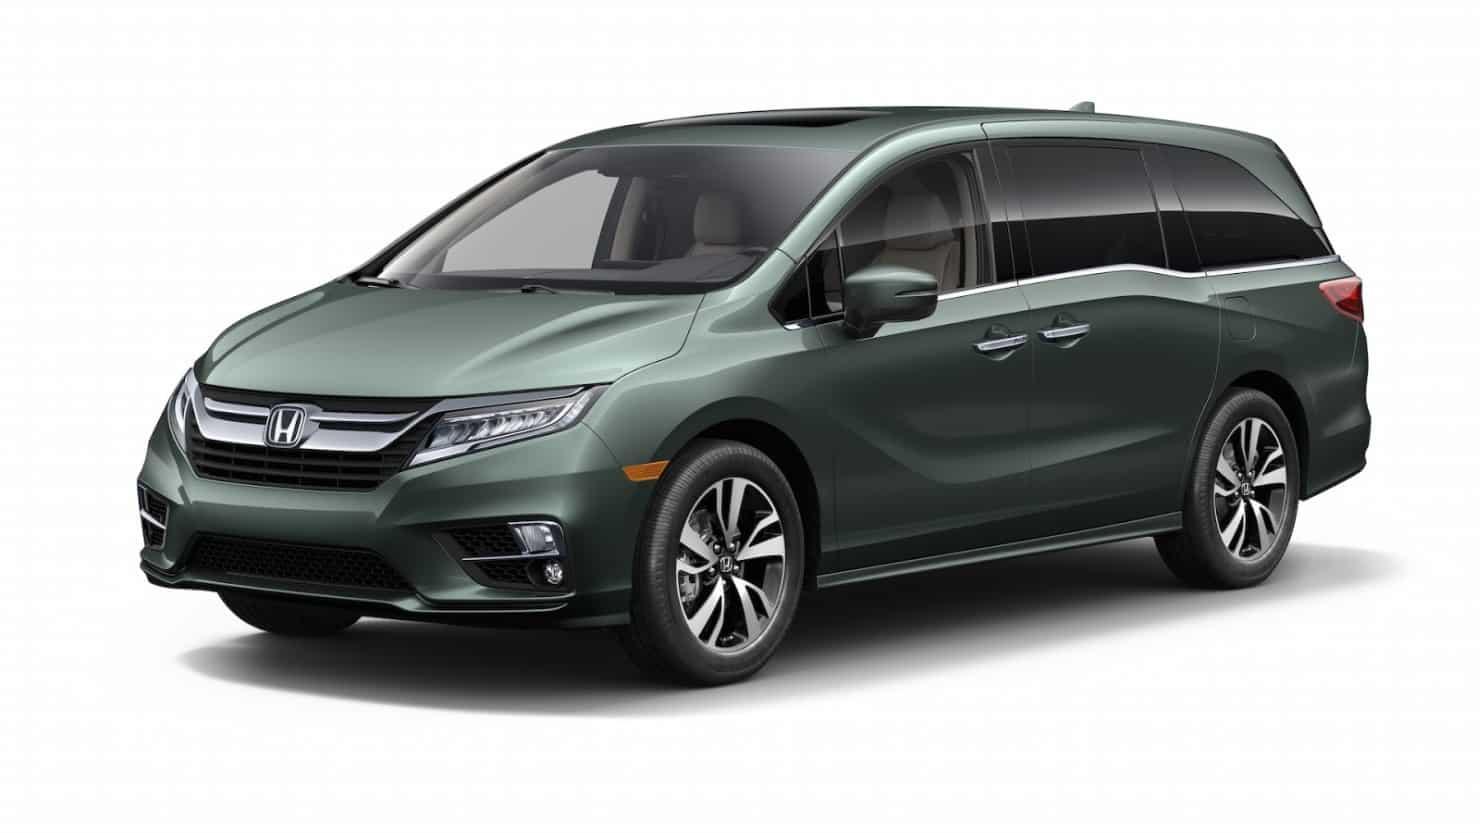 El nuevo Honda Odyssey, arma ideal para las familias: Sólo gasolina con 280 CV